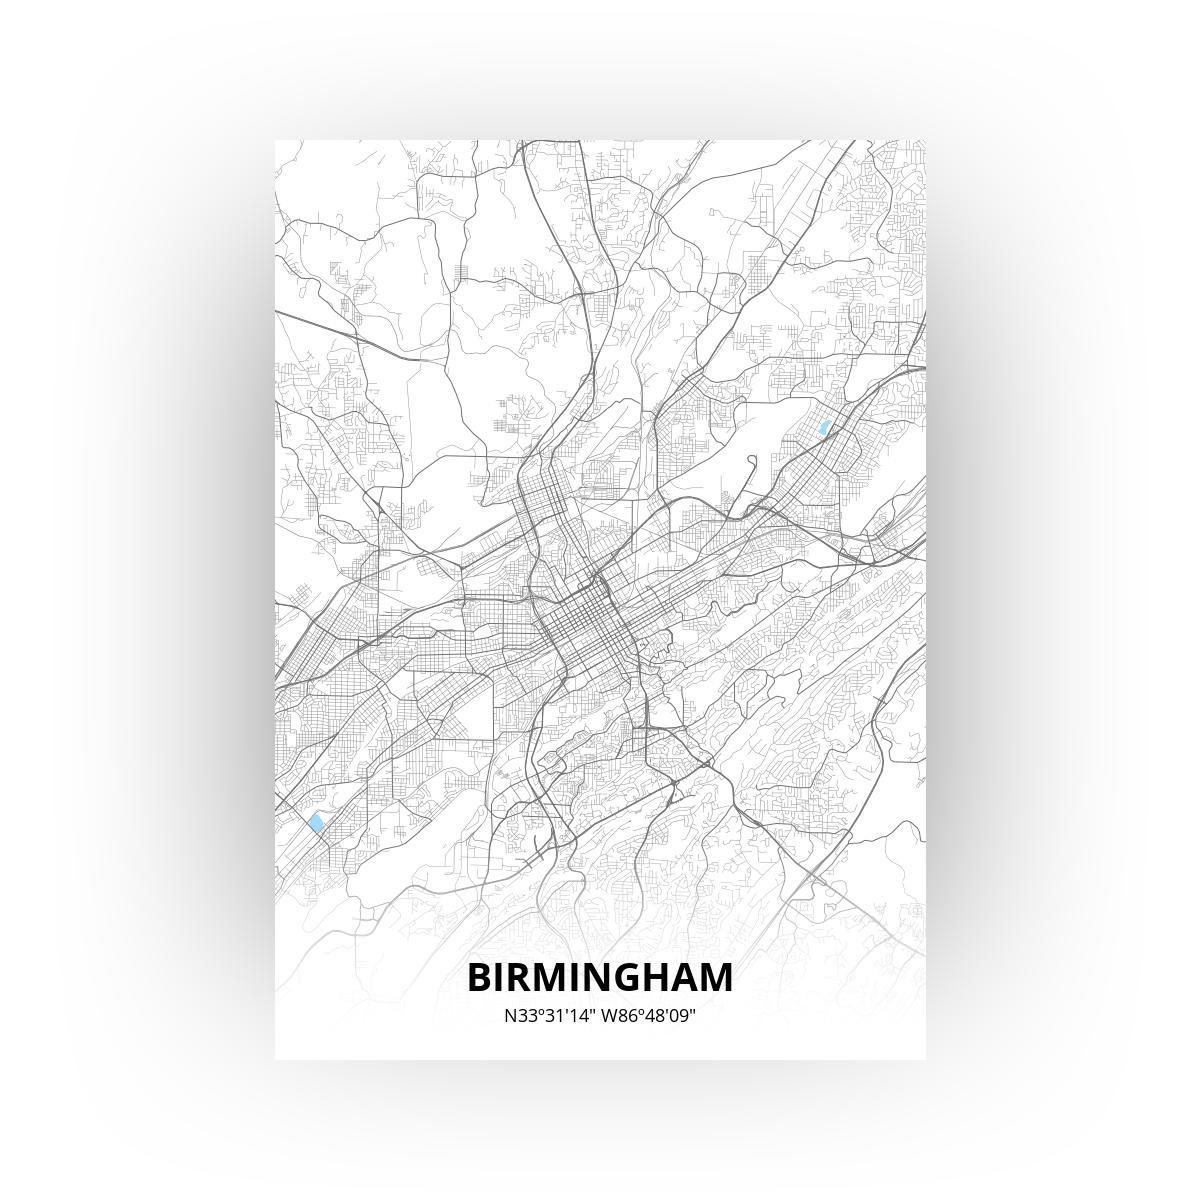 Birmingham poster - Zelf aan te passen!